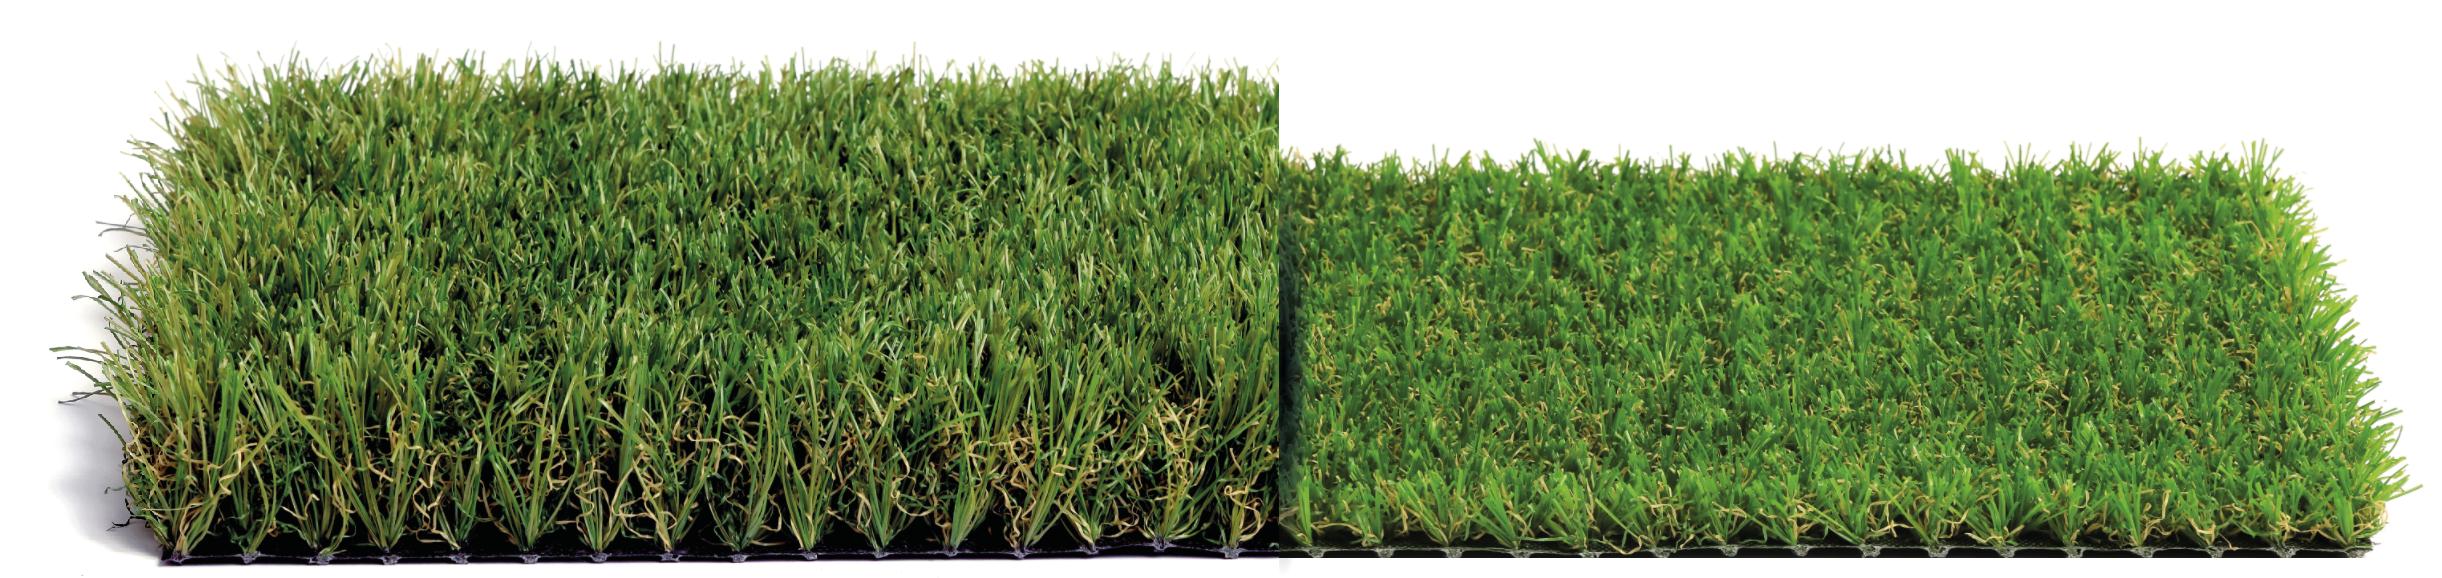 confronto-altezza-erba-sintetica